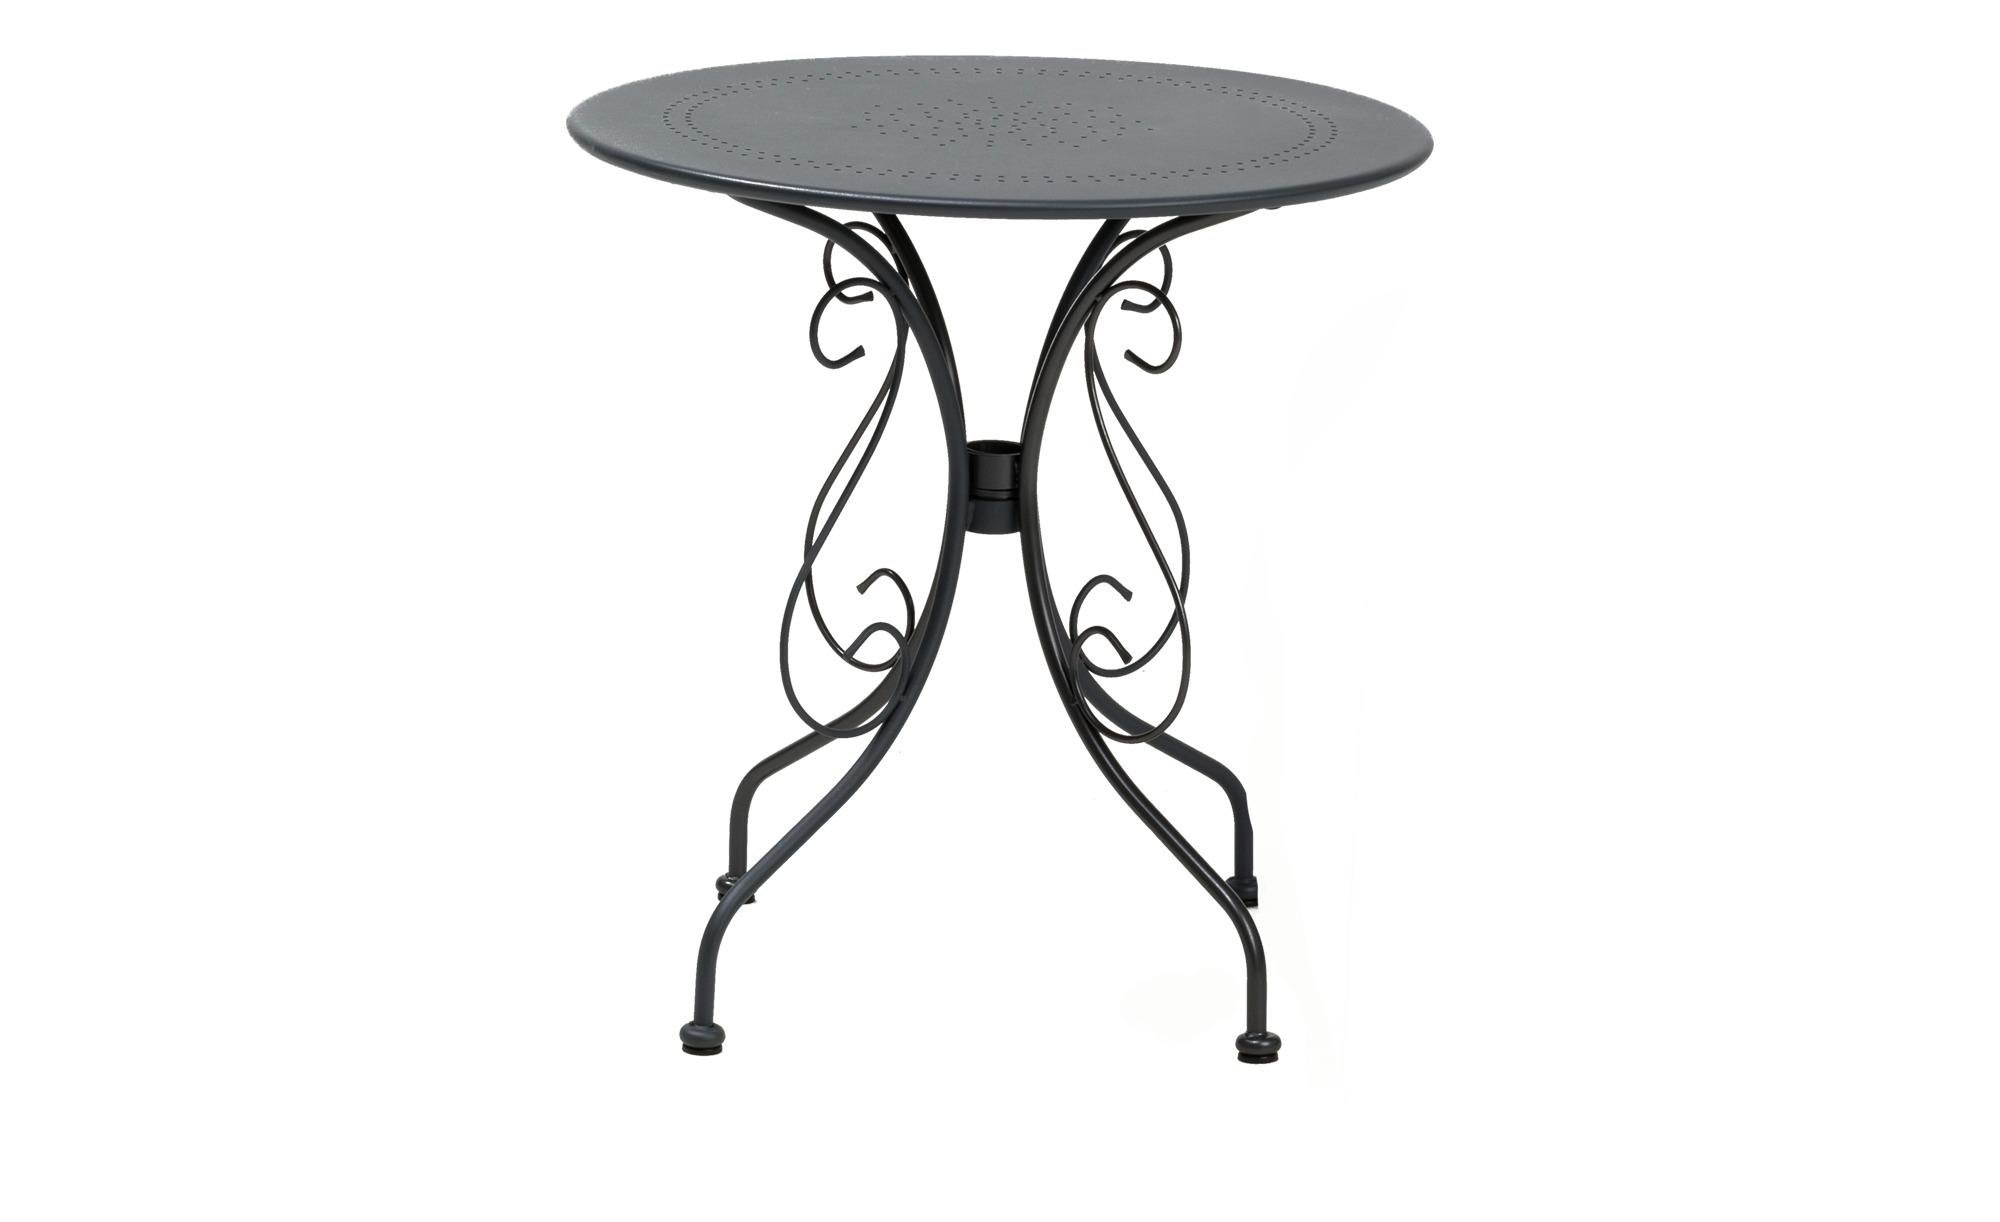 Garten Tisch Wien Kleiner Tisch Tisch Couchtisch Rund